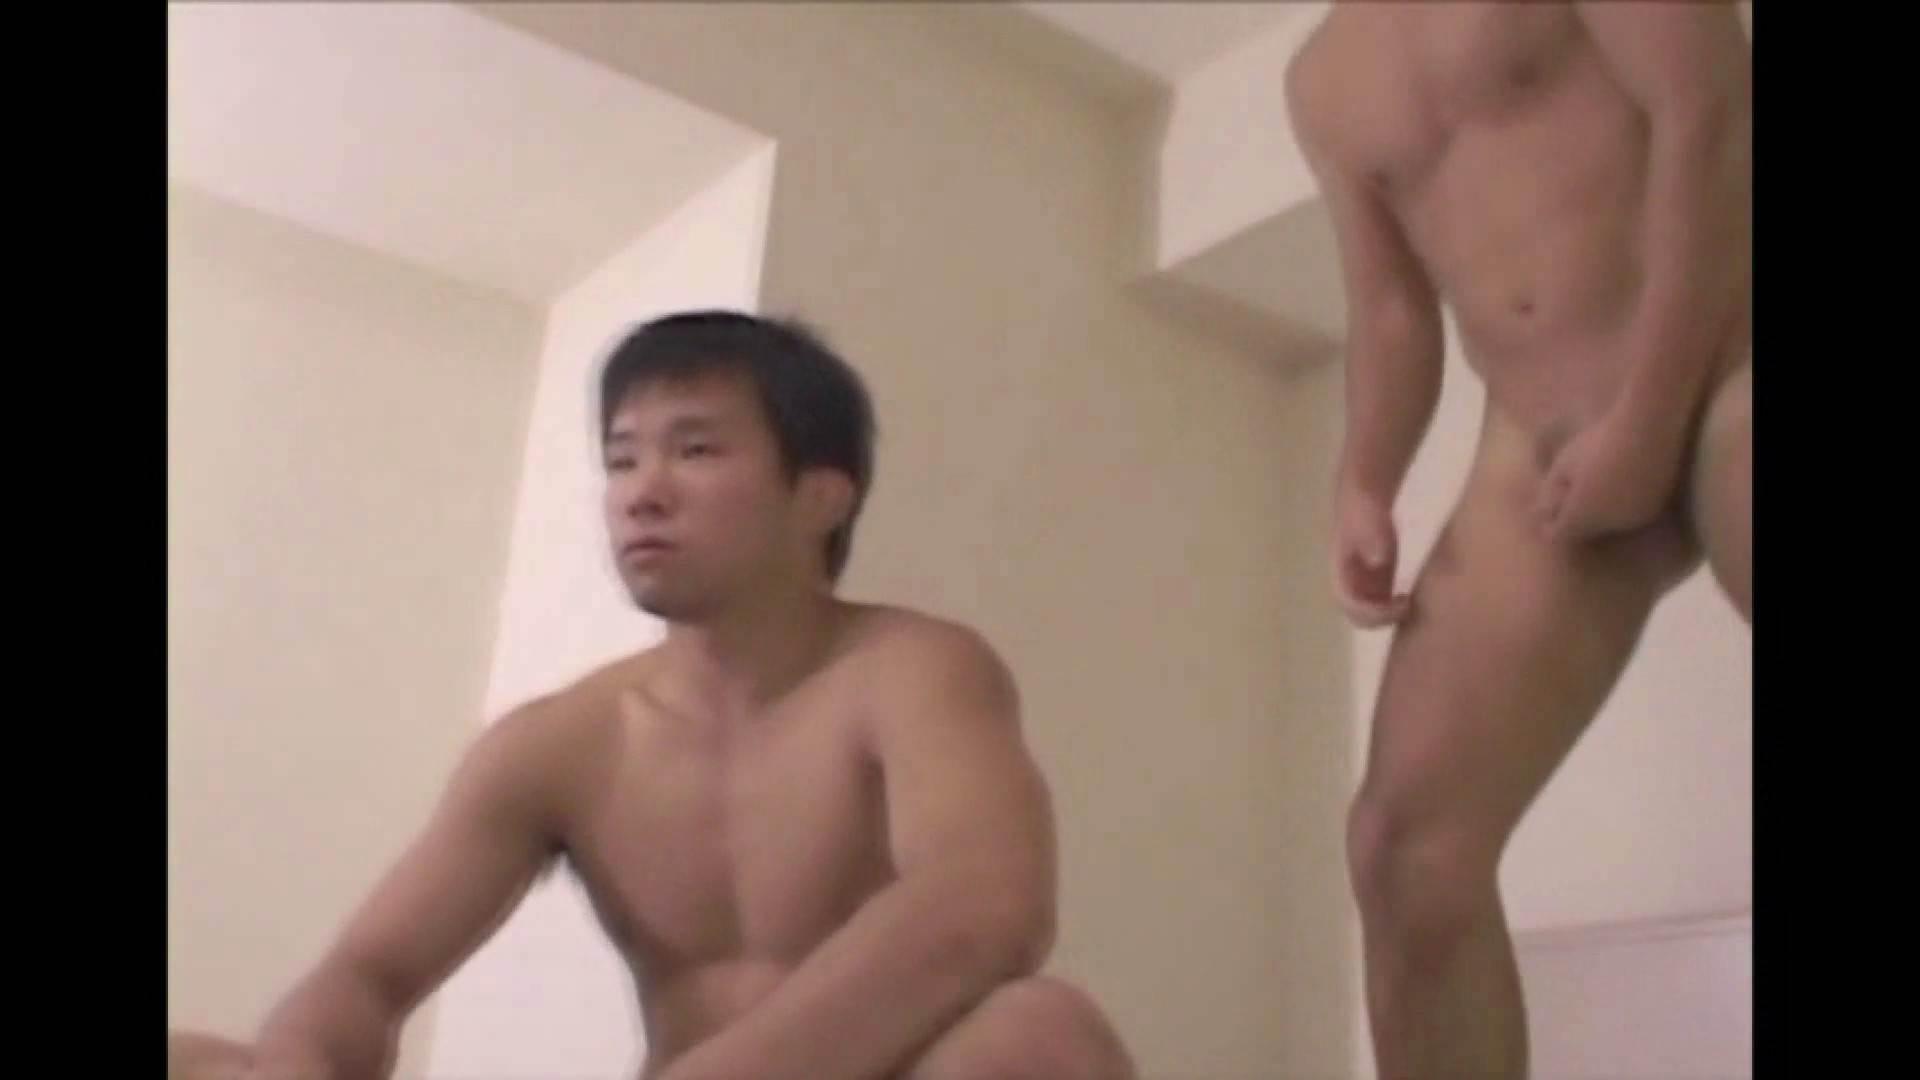 イケイケMEN'SCLUB vol.40前半 フェラ天国 ゲイ無修正ビデオ画像 91pic 53